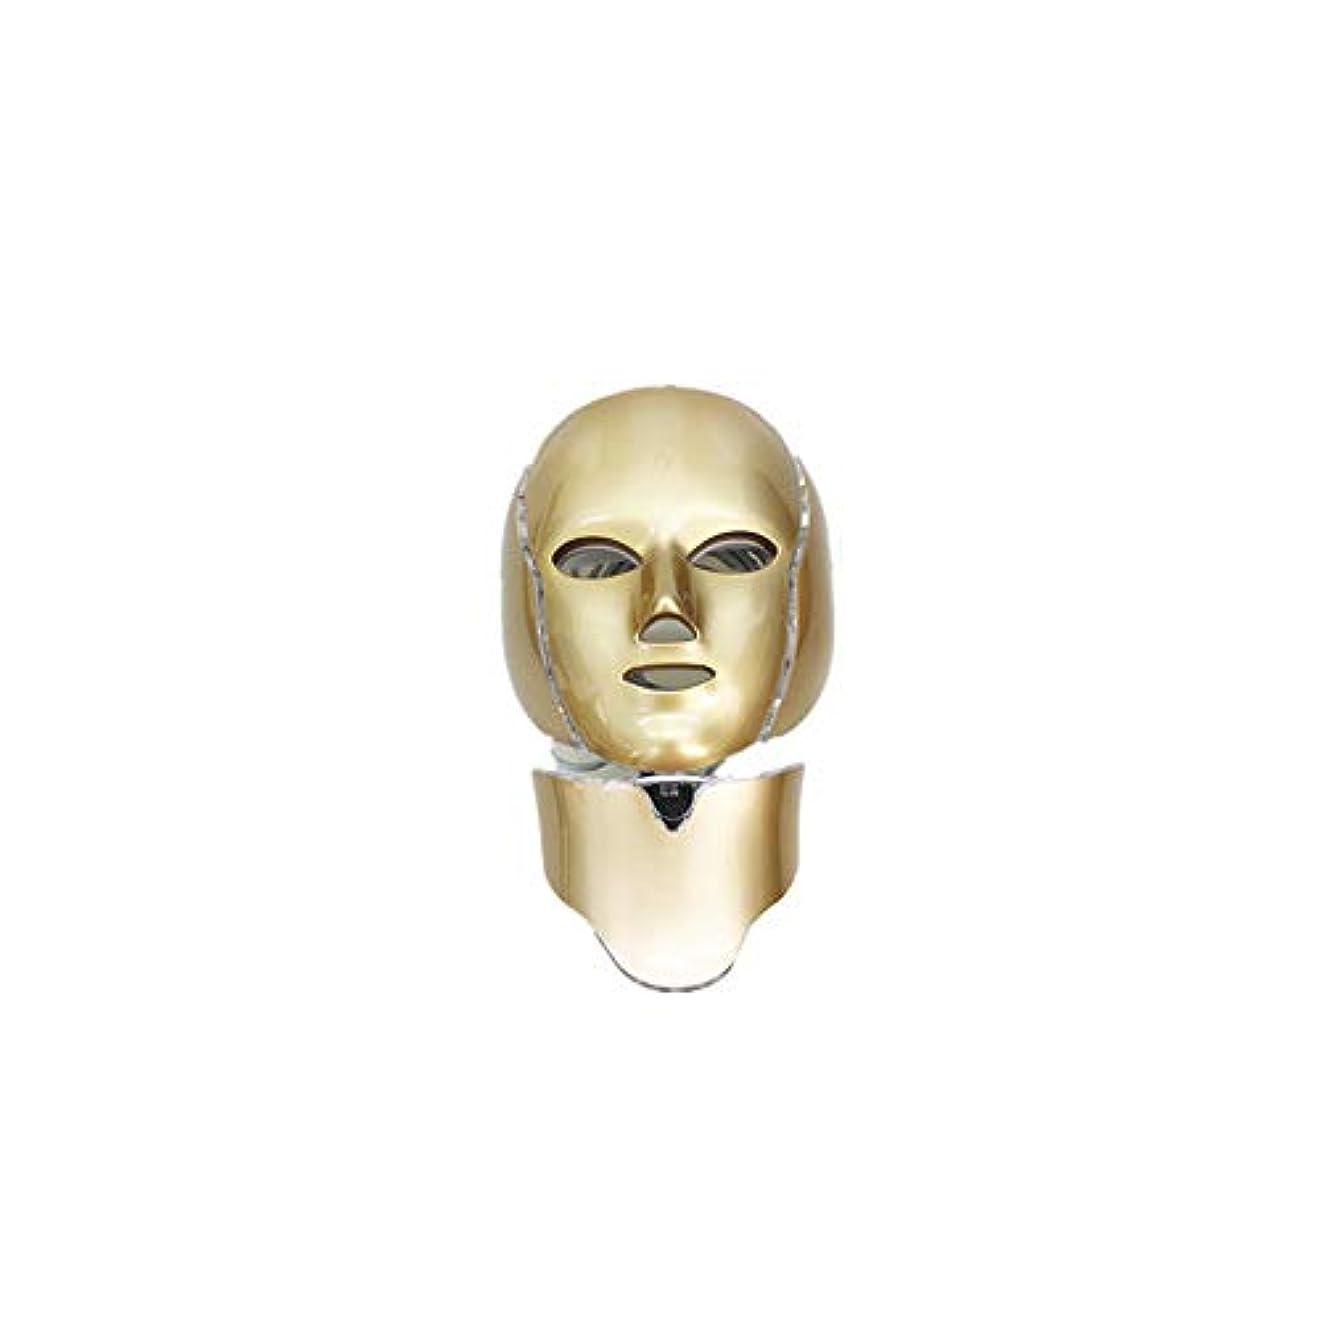 粒先見の明更新するOnepeak 美肌若返りマイクロ電流マスク楽器ネックネックマスク7色フォトニックニキビ美肌ホーム